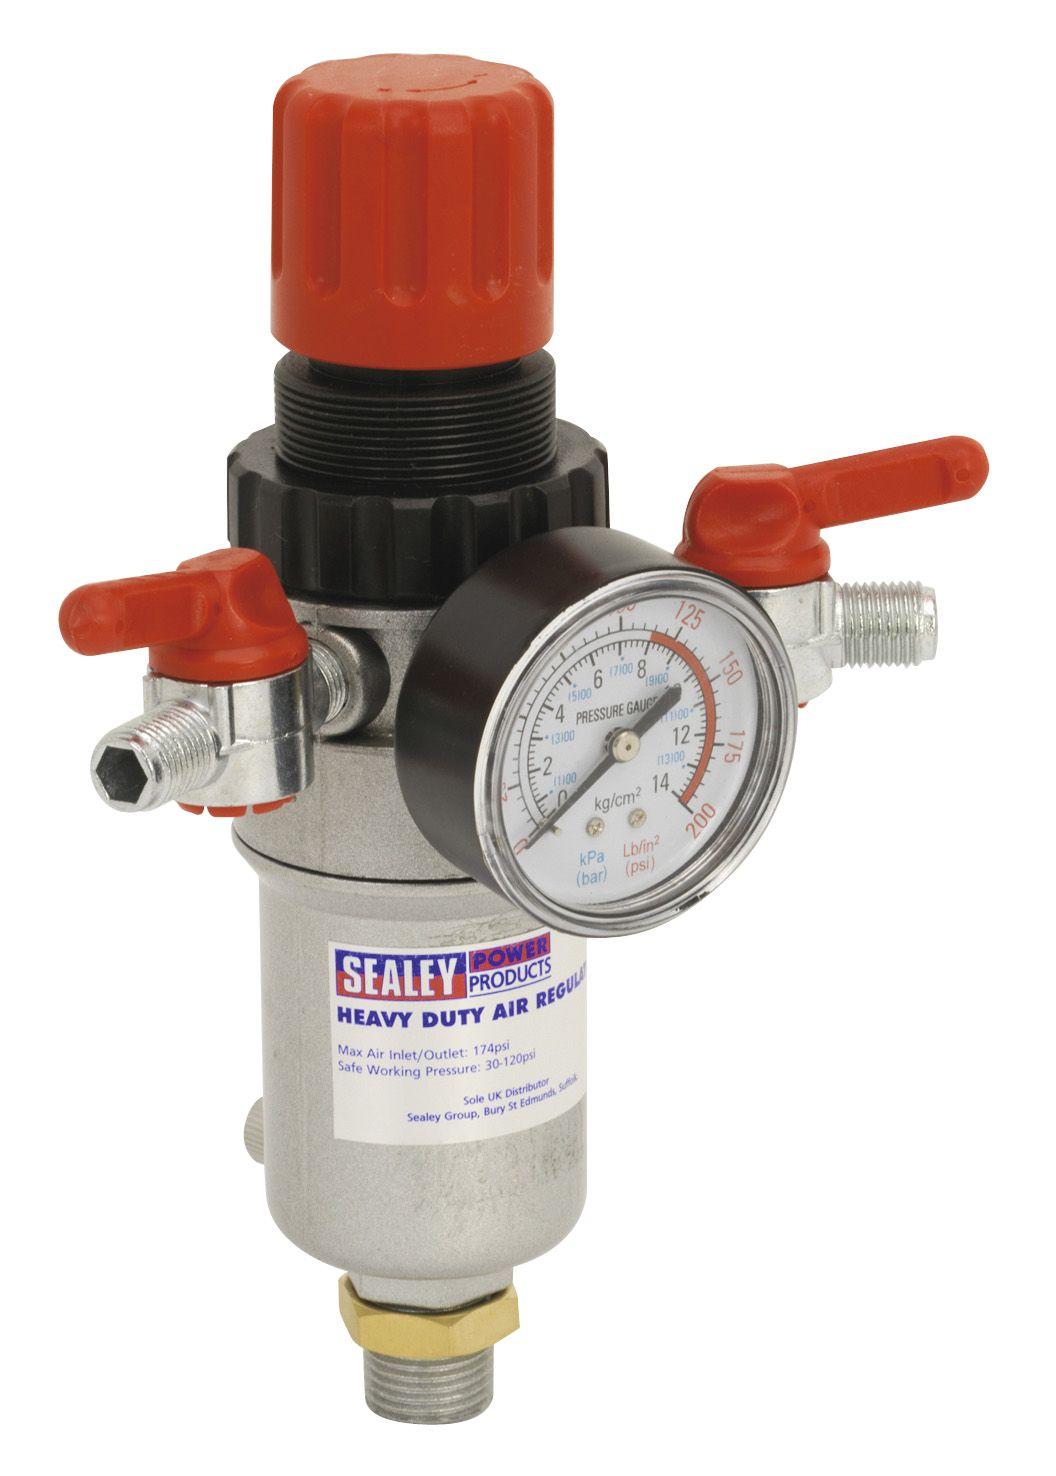 Sealey Air Filter/Regulator Heavy-Duty